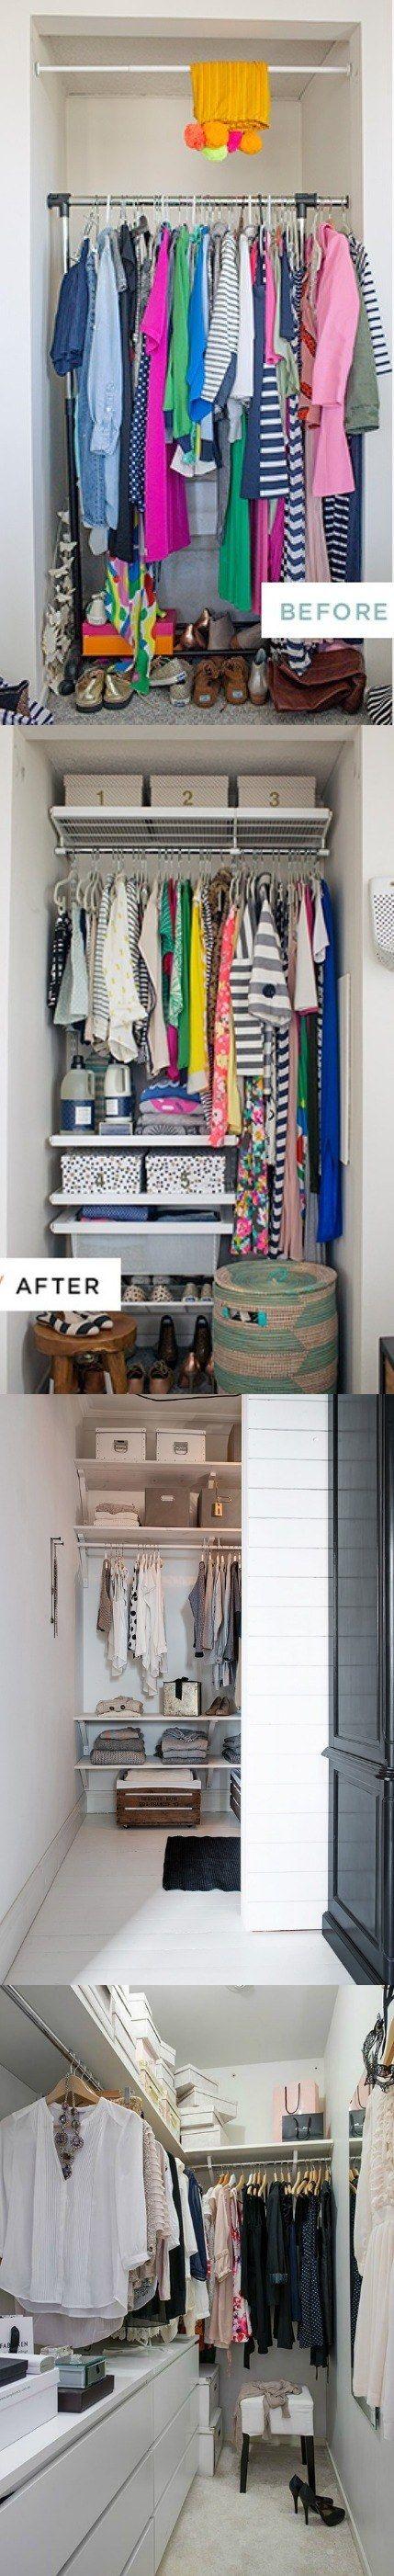 Las mejores formas de usar un armario empotrado pequeño / http://ohjoy.blogs.com/